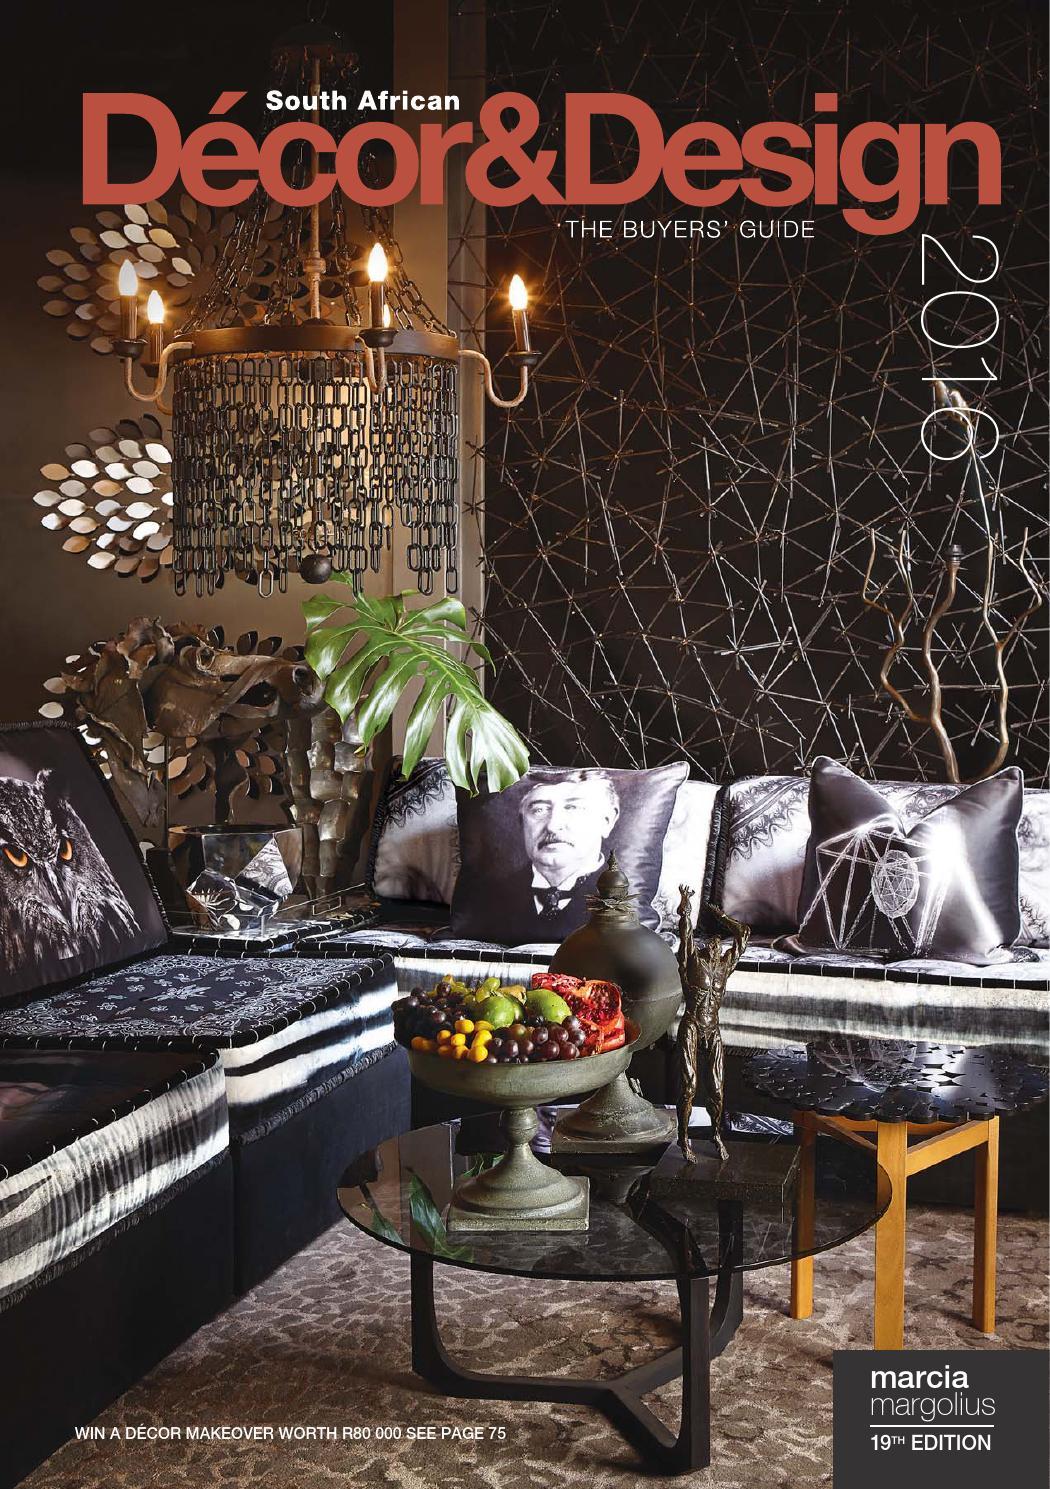 Sa Decor And Design The Buyers Guide 2016 Edition By Sa